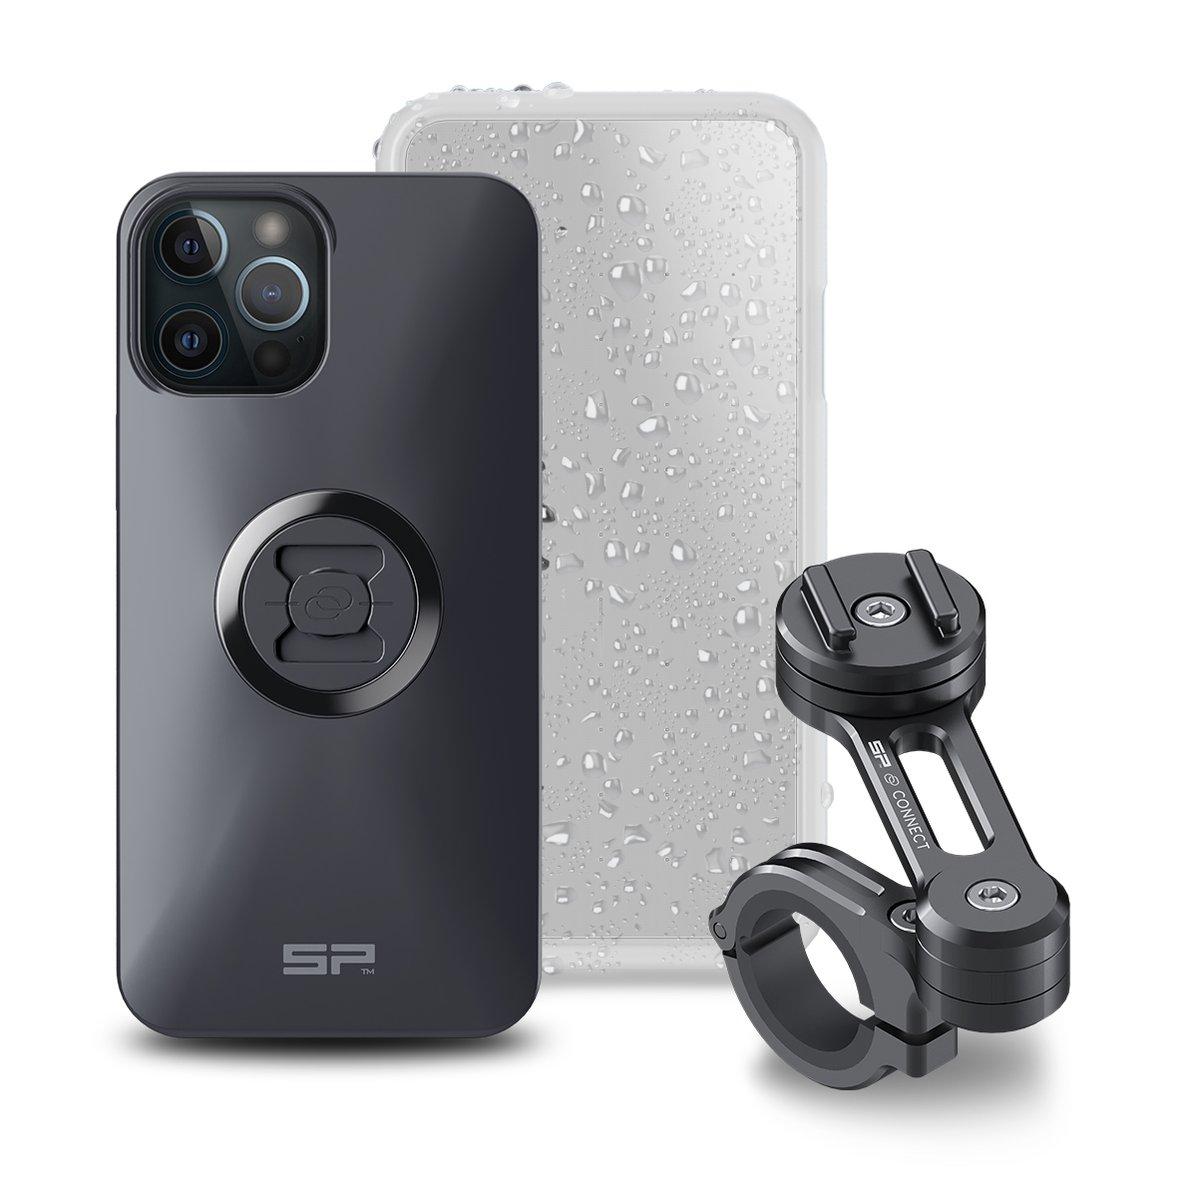 SP Connect Moto Bundle iPhone 12 Pro Max